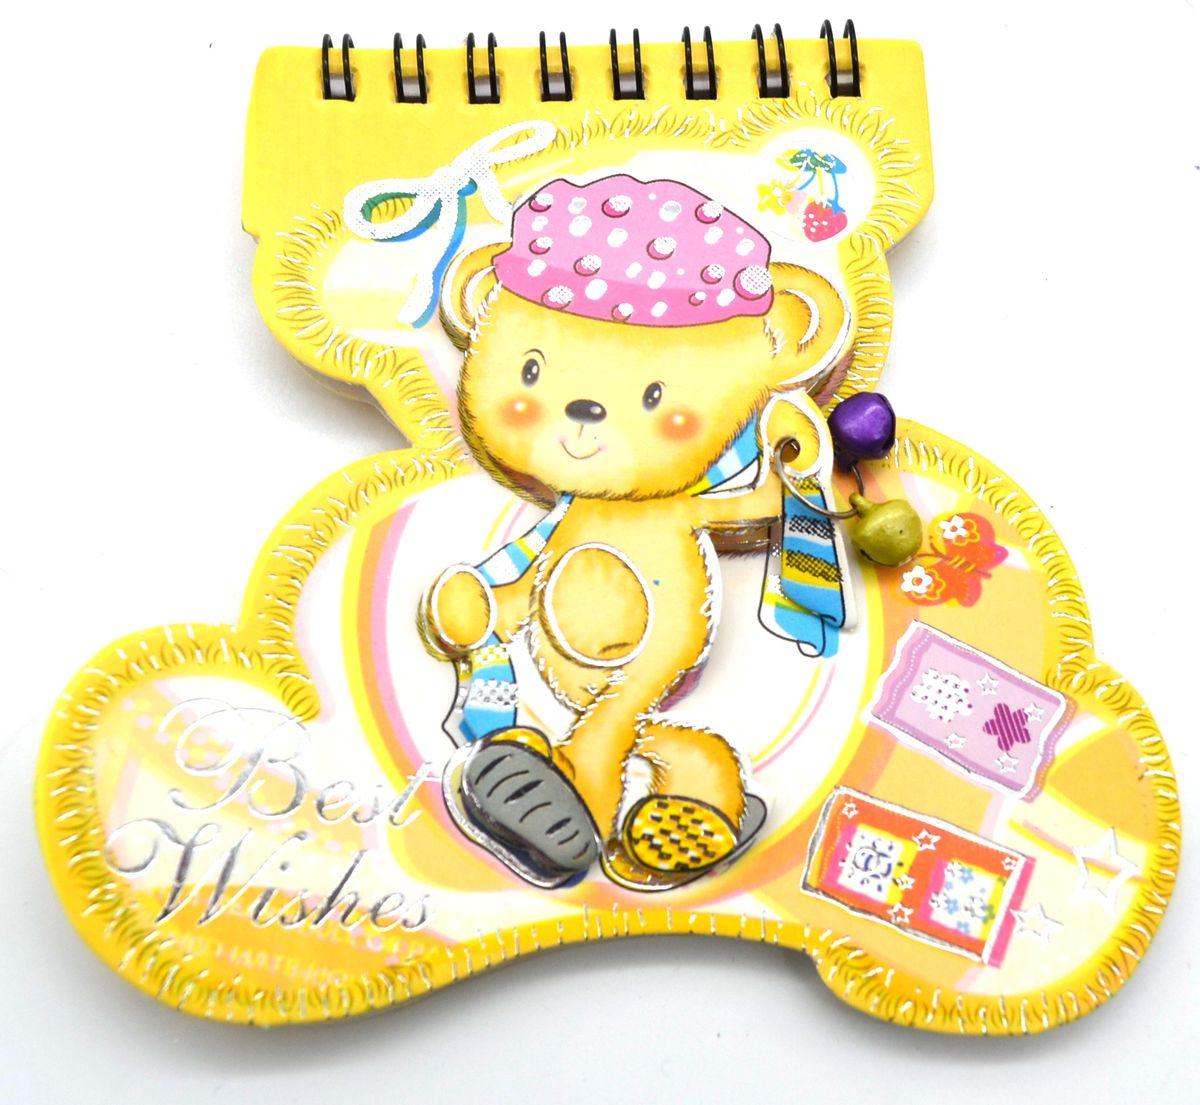 Карамба Блокнот Мишка с бубенчиками 48 листов в линейку цвет желтый 35573557Блокнот Карамба Мишка с бубенчикам на пружине вырублен по форме мишки с объемным изображением мишки с бубенчиками на обложке. Блокнот содержит 48 разлинованных листов в линейку с изображением мишки. Изделие имеет индивидуальную упаковку.